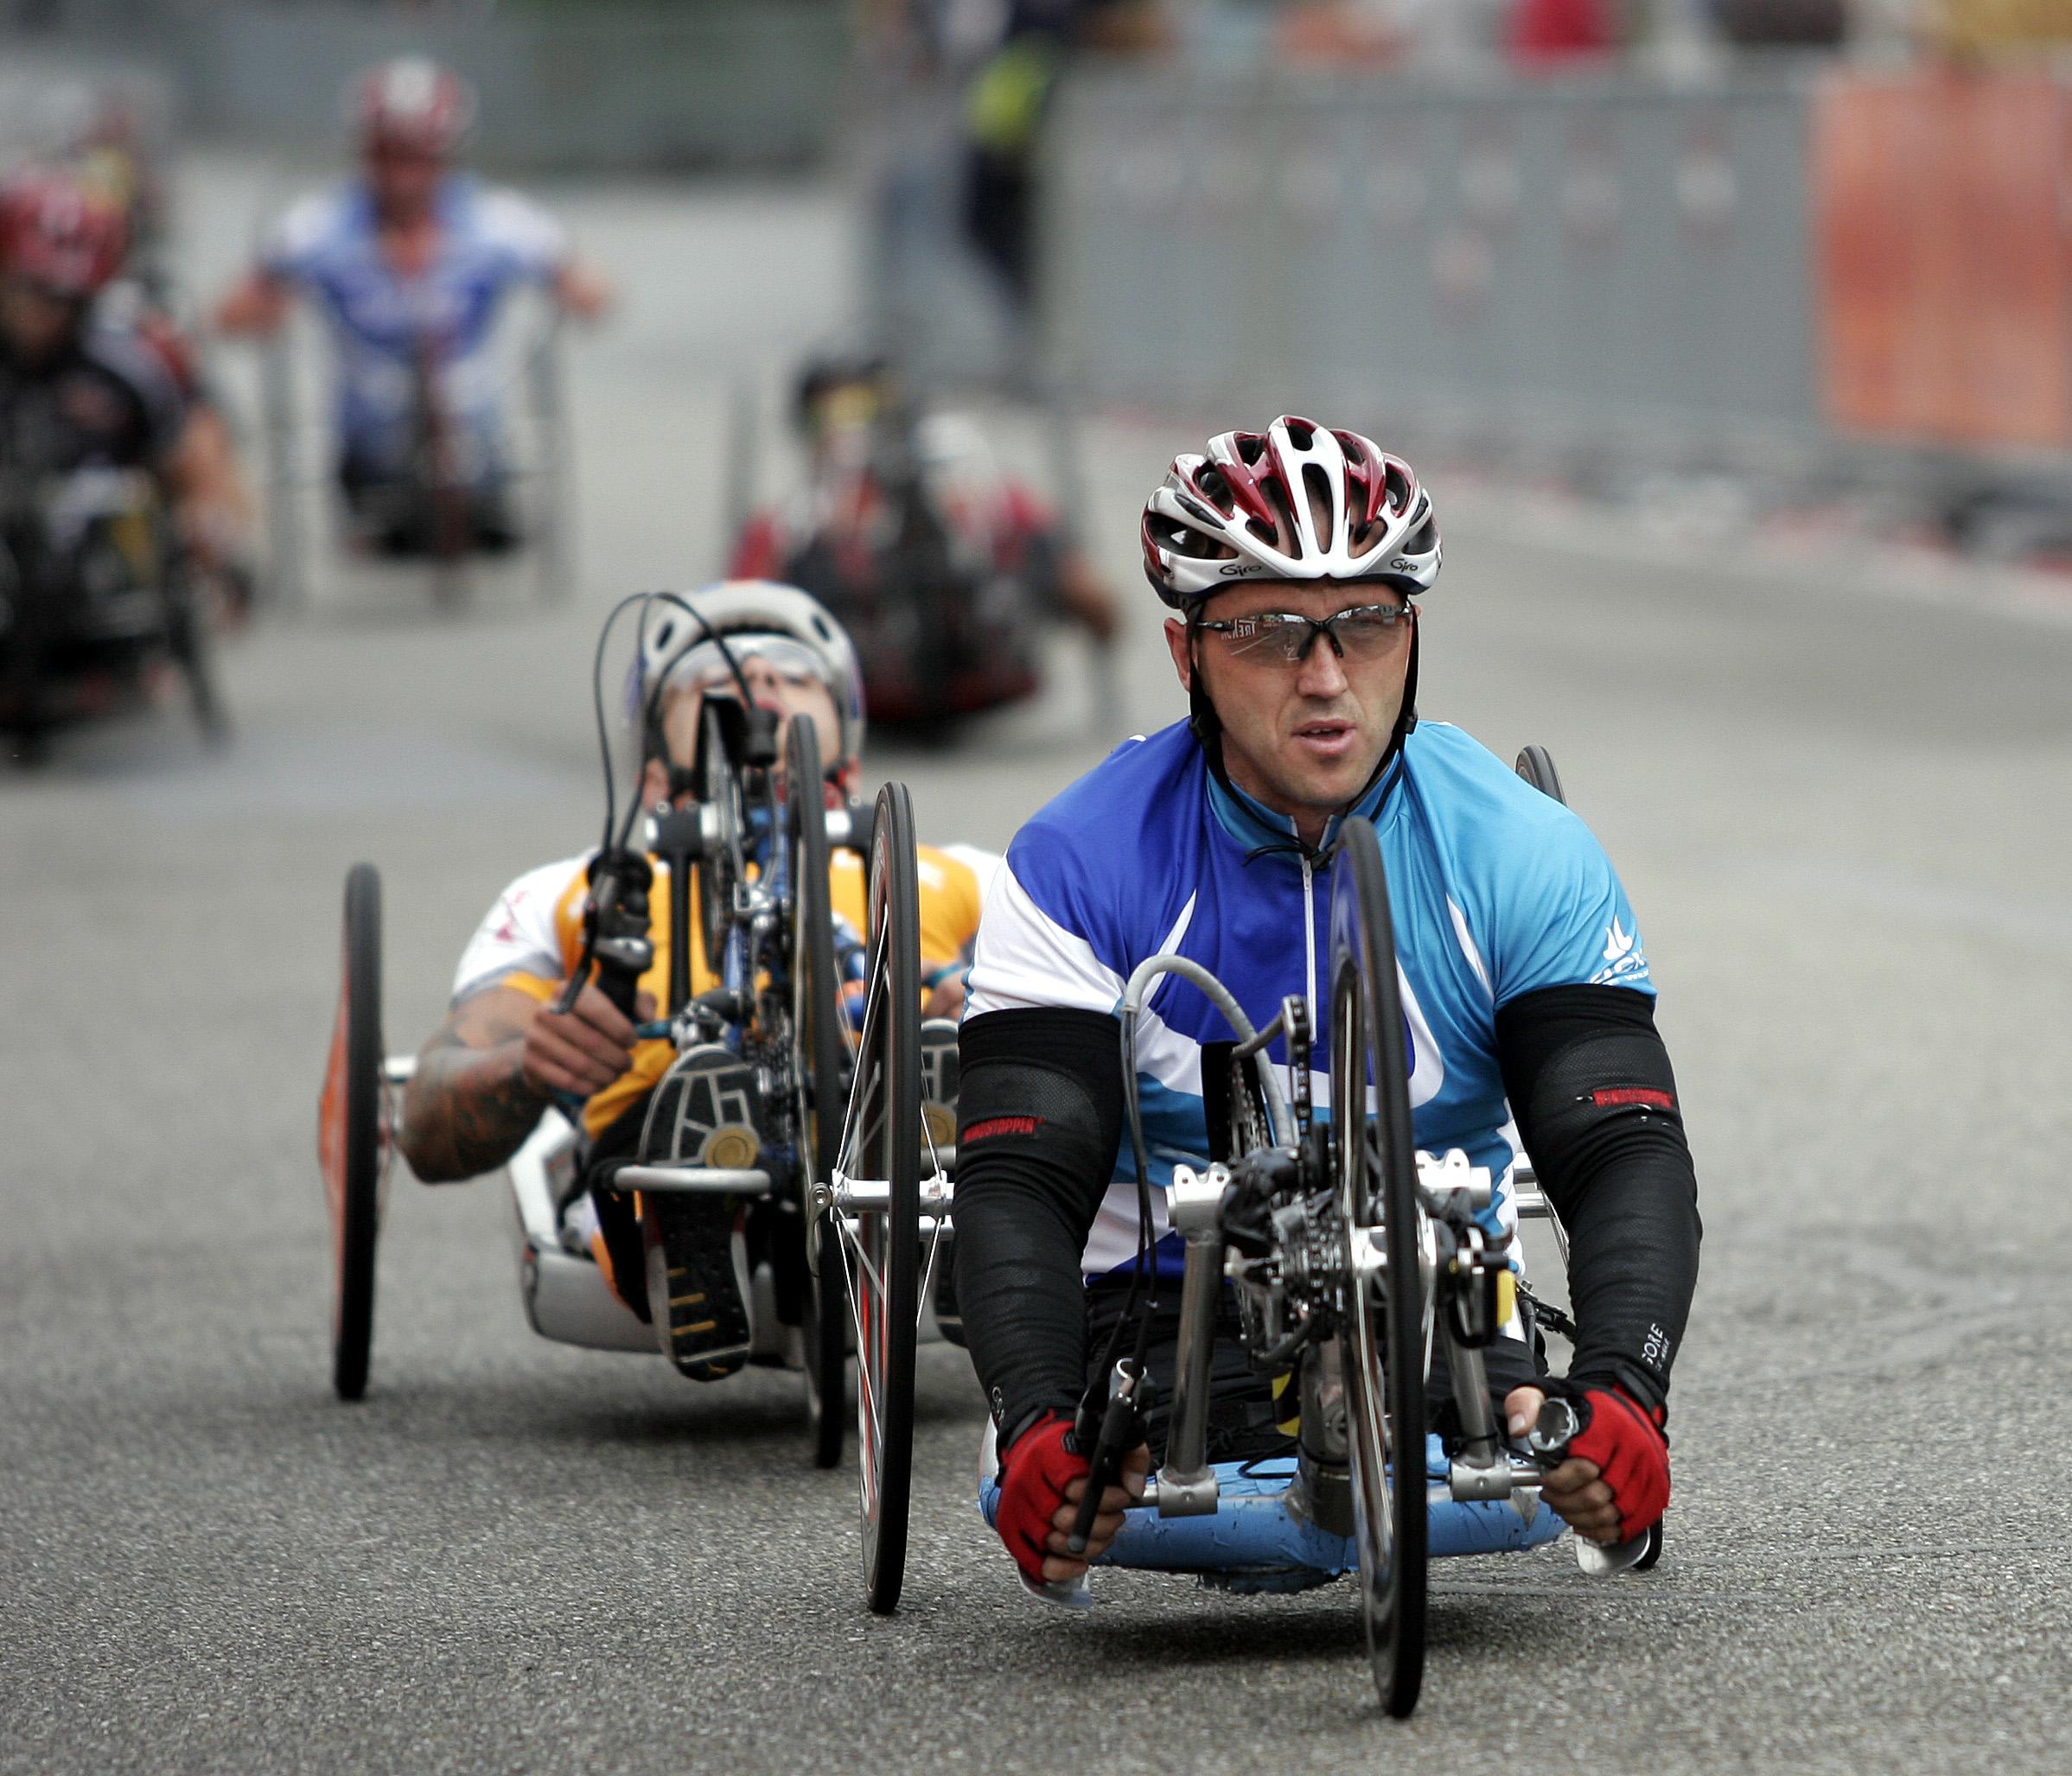 Bicicletta per persone con disabilit versioni speciali for Bicicletta per tre persone